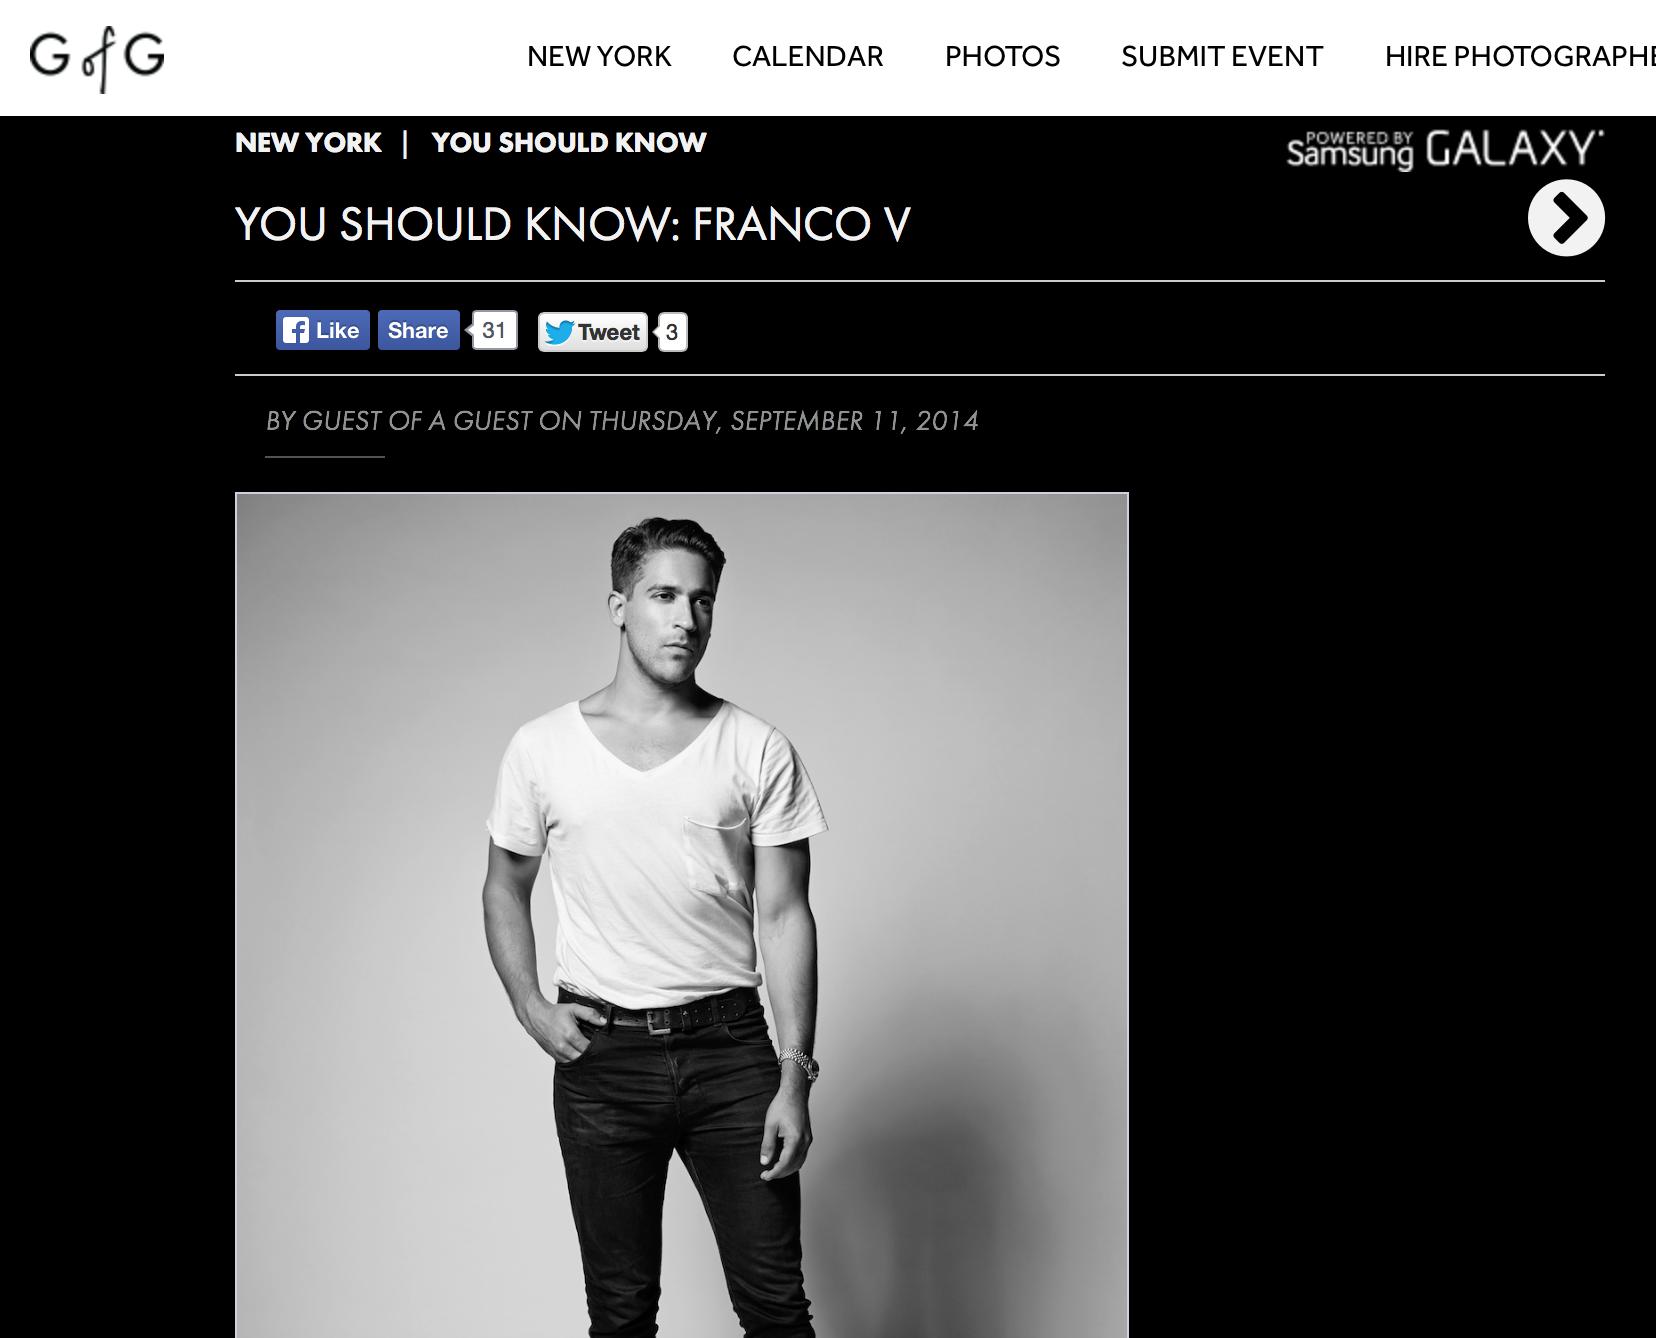 http://guestofaguest.com/new-york/you-should-know/you-should-know-franco-v